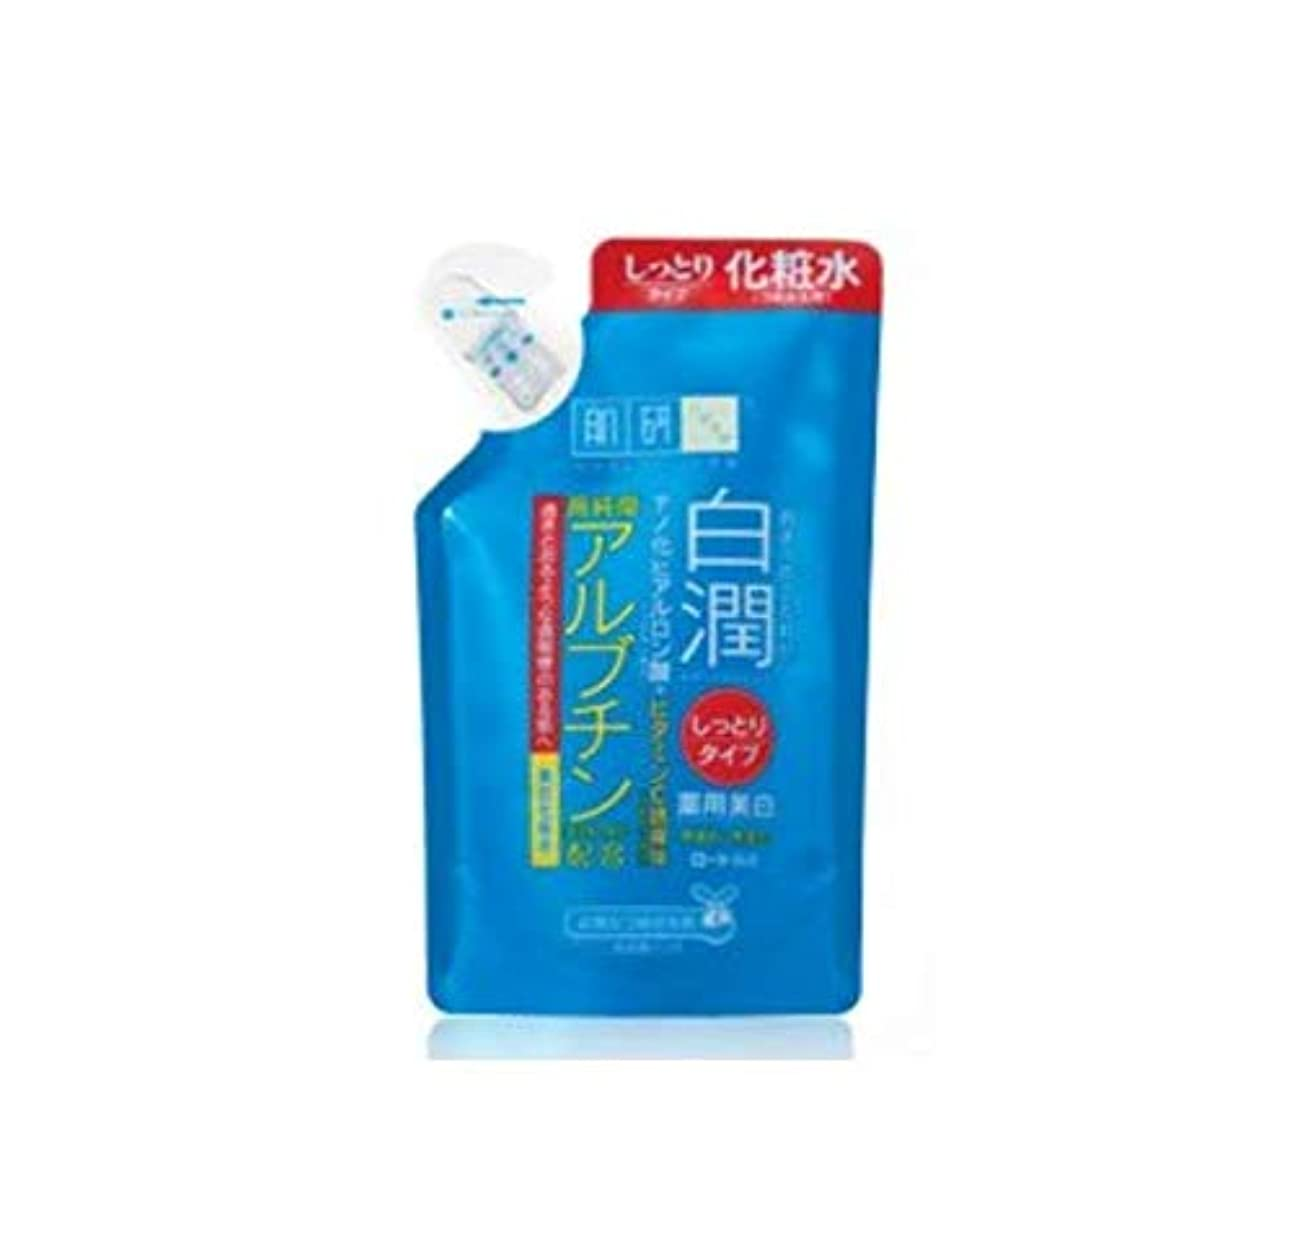 防水無一文状況肌ラボ 白潤 薬用美白化粧水 しっとりタイプ つめかえ用 170mL